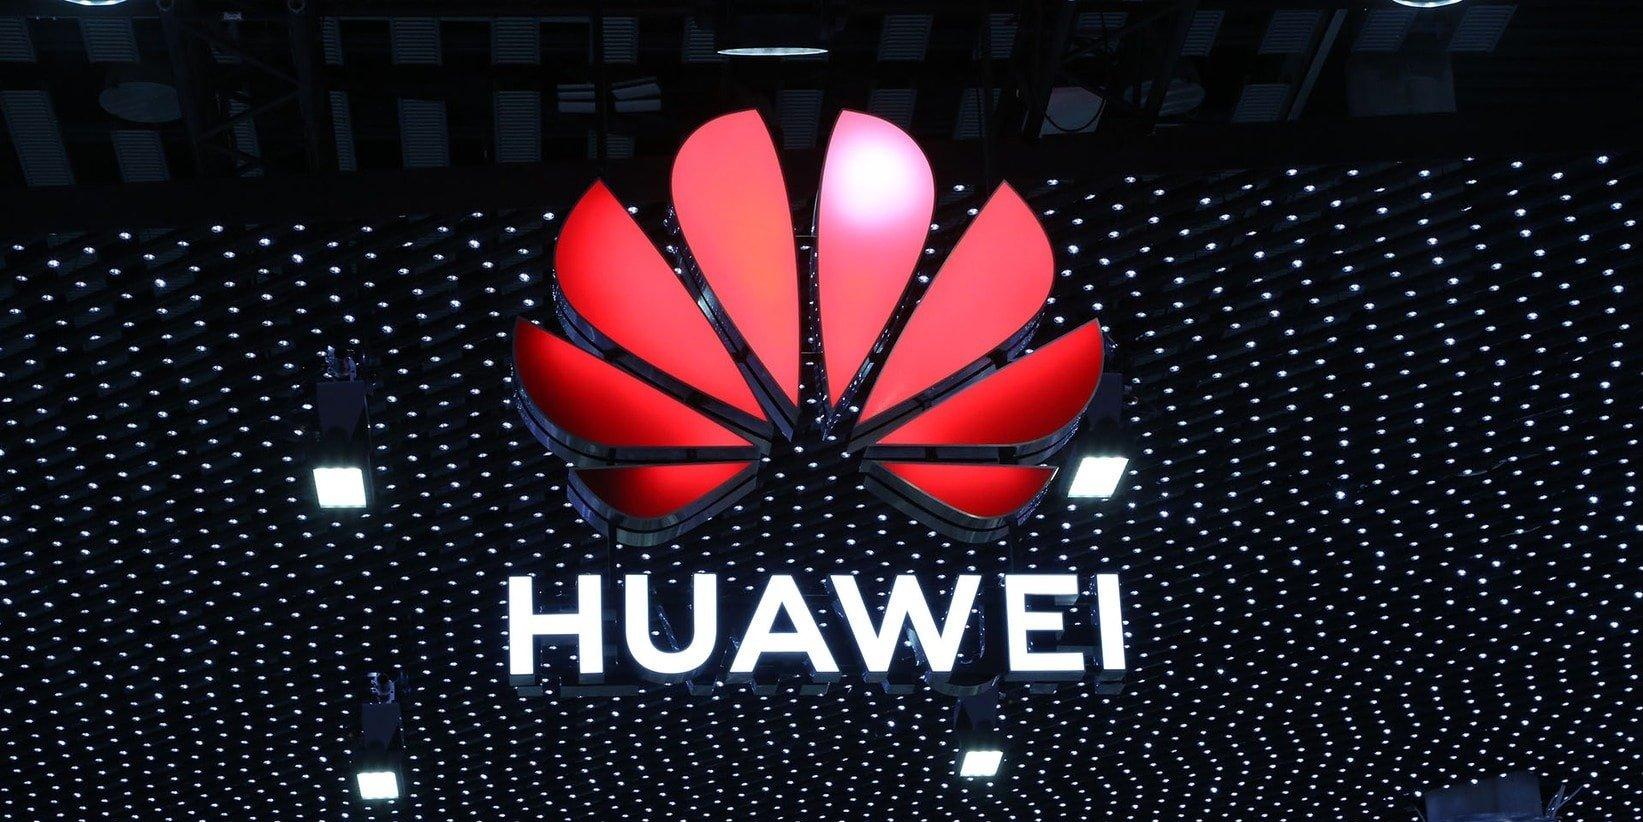 Huawei: pomagamy budować zieloną Europę